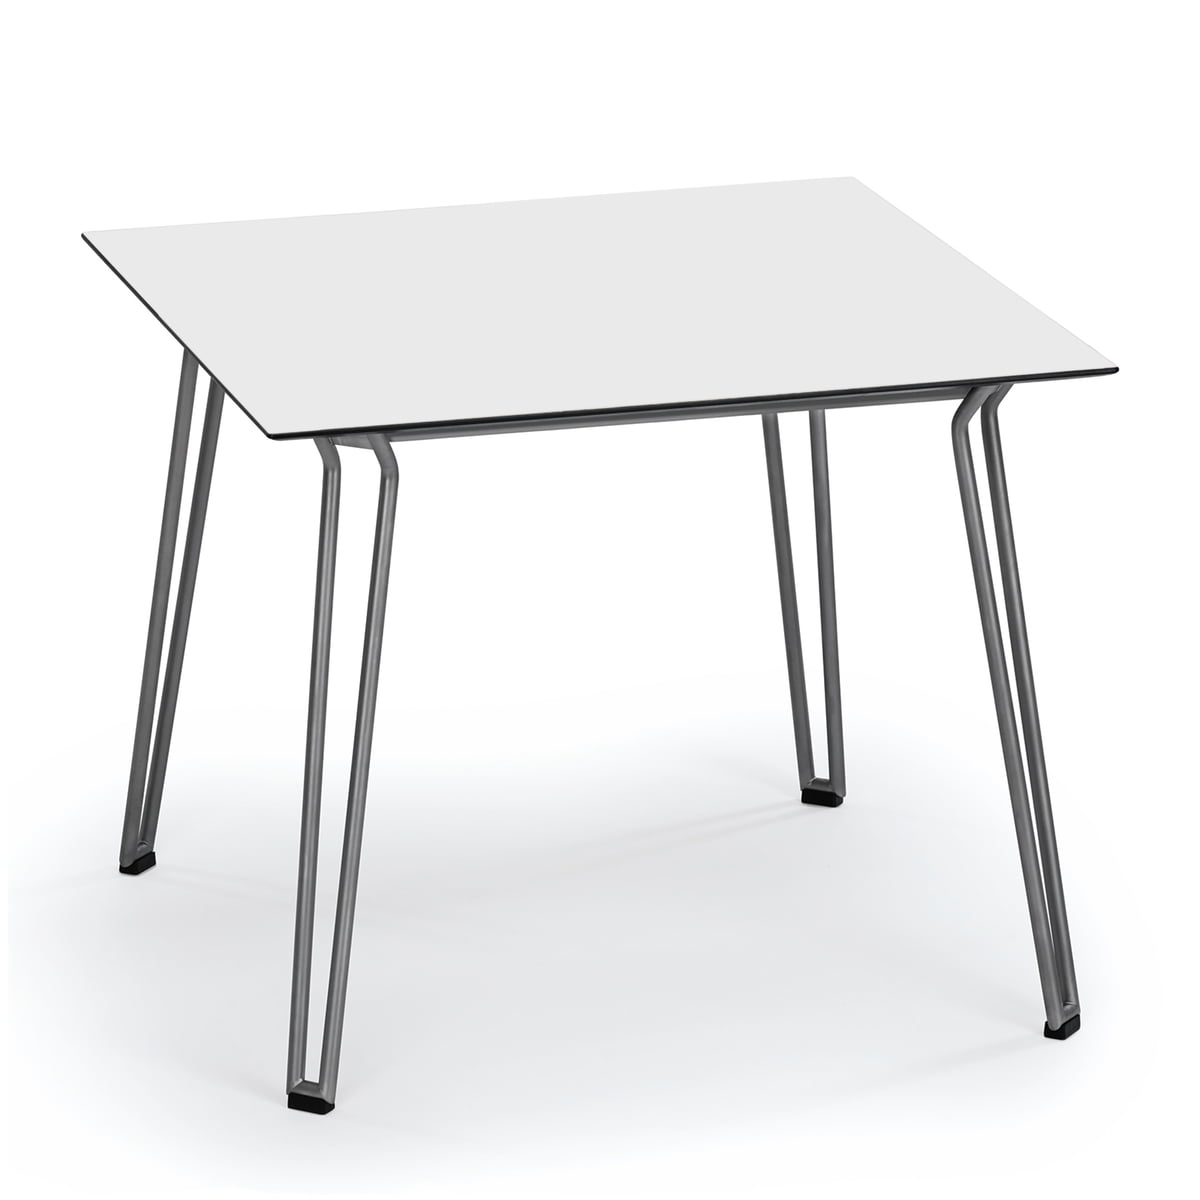 Bezaubernd Küchentisch 90x90 Ideen Von Slope Tisch 90 X 90 Cm Von